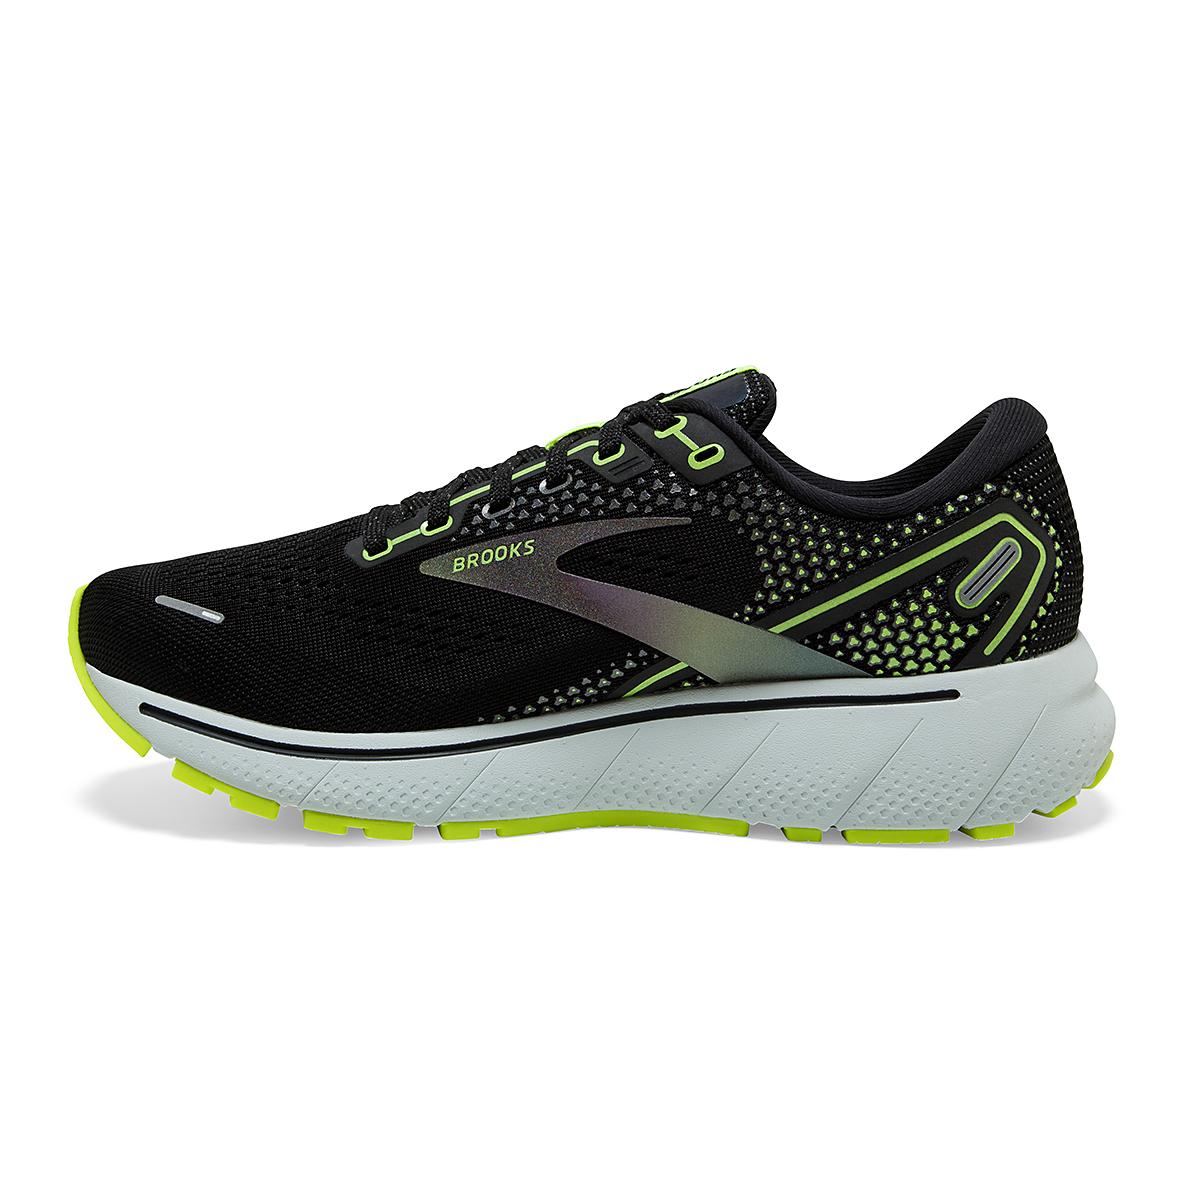 Men's Brooks Ghost 14 Running Shoe - Color: Black/Nightlife - Size: 7 - Width: Regular, Black/Nightlife, large, image 2